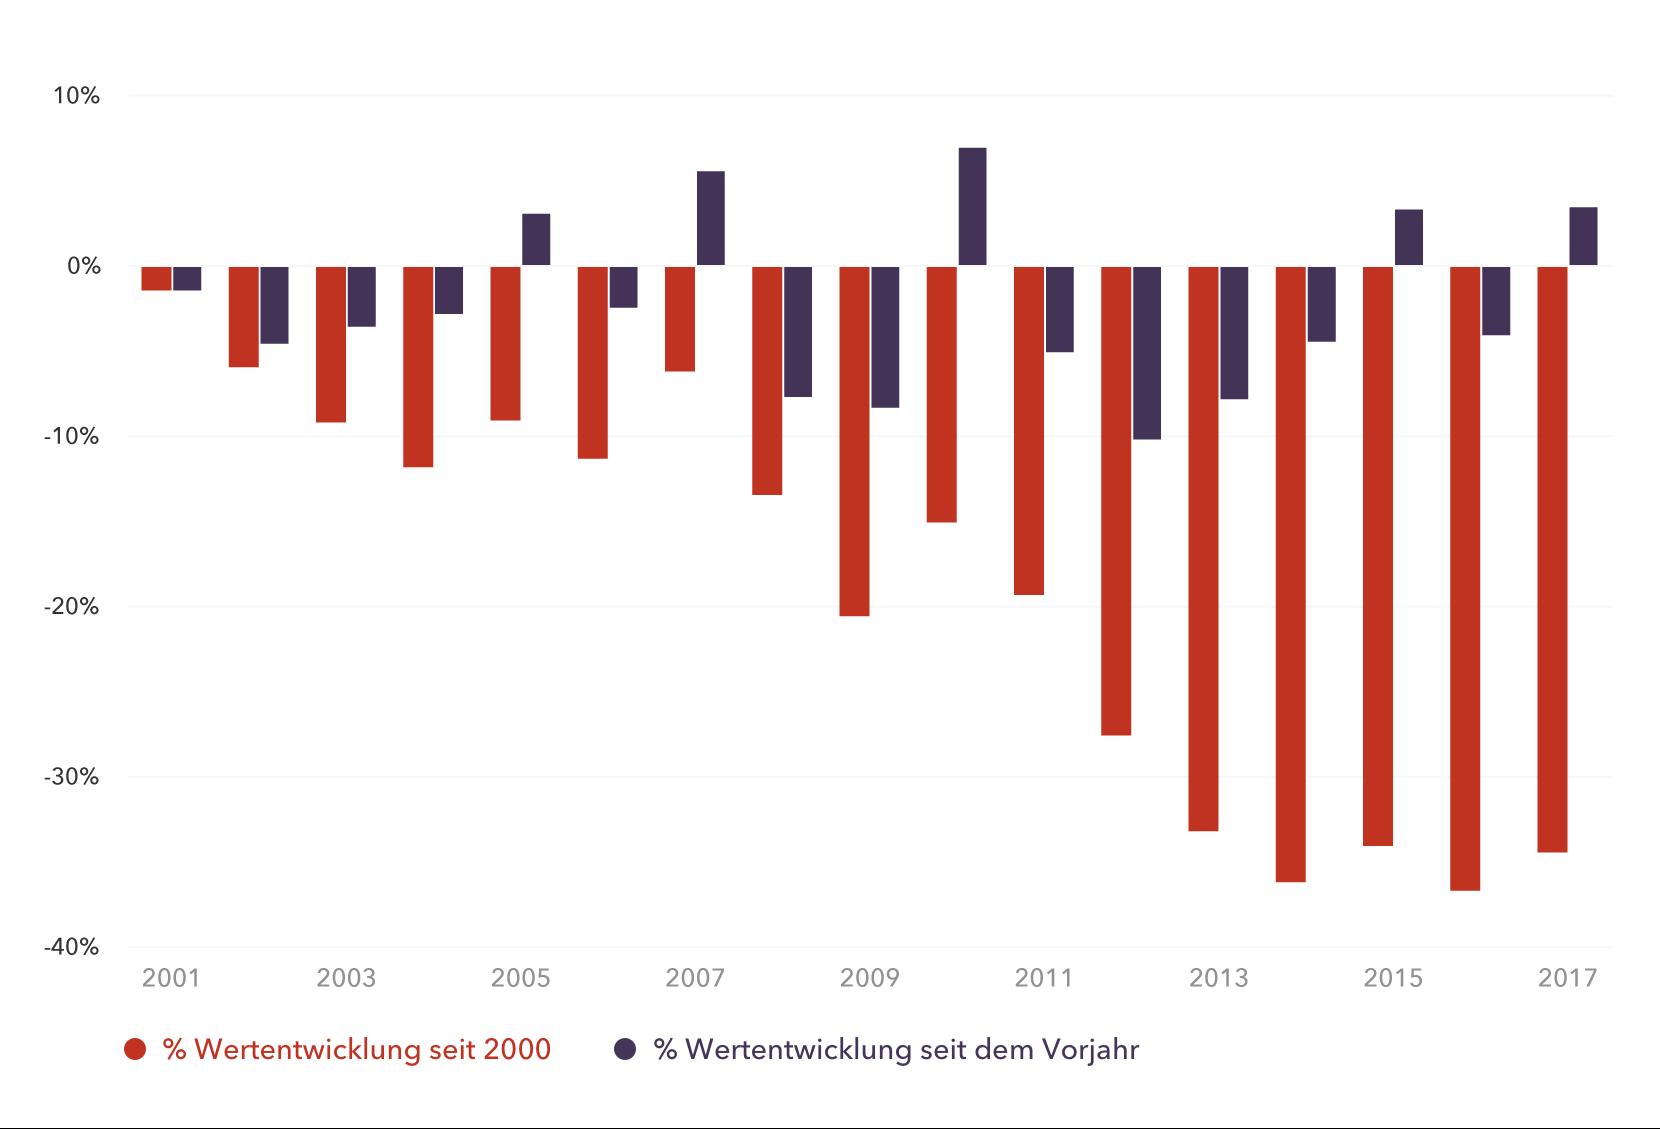 Wertentwicklung INR seit 2000